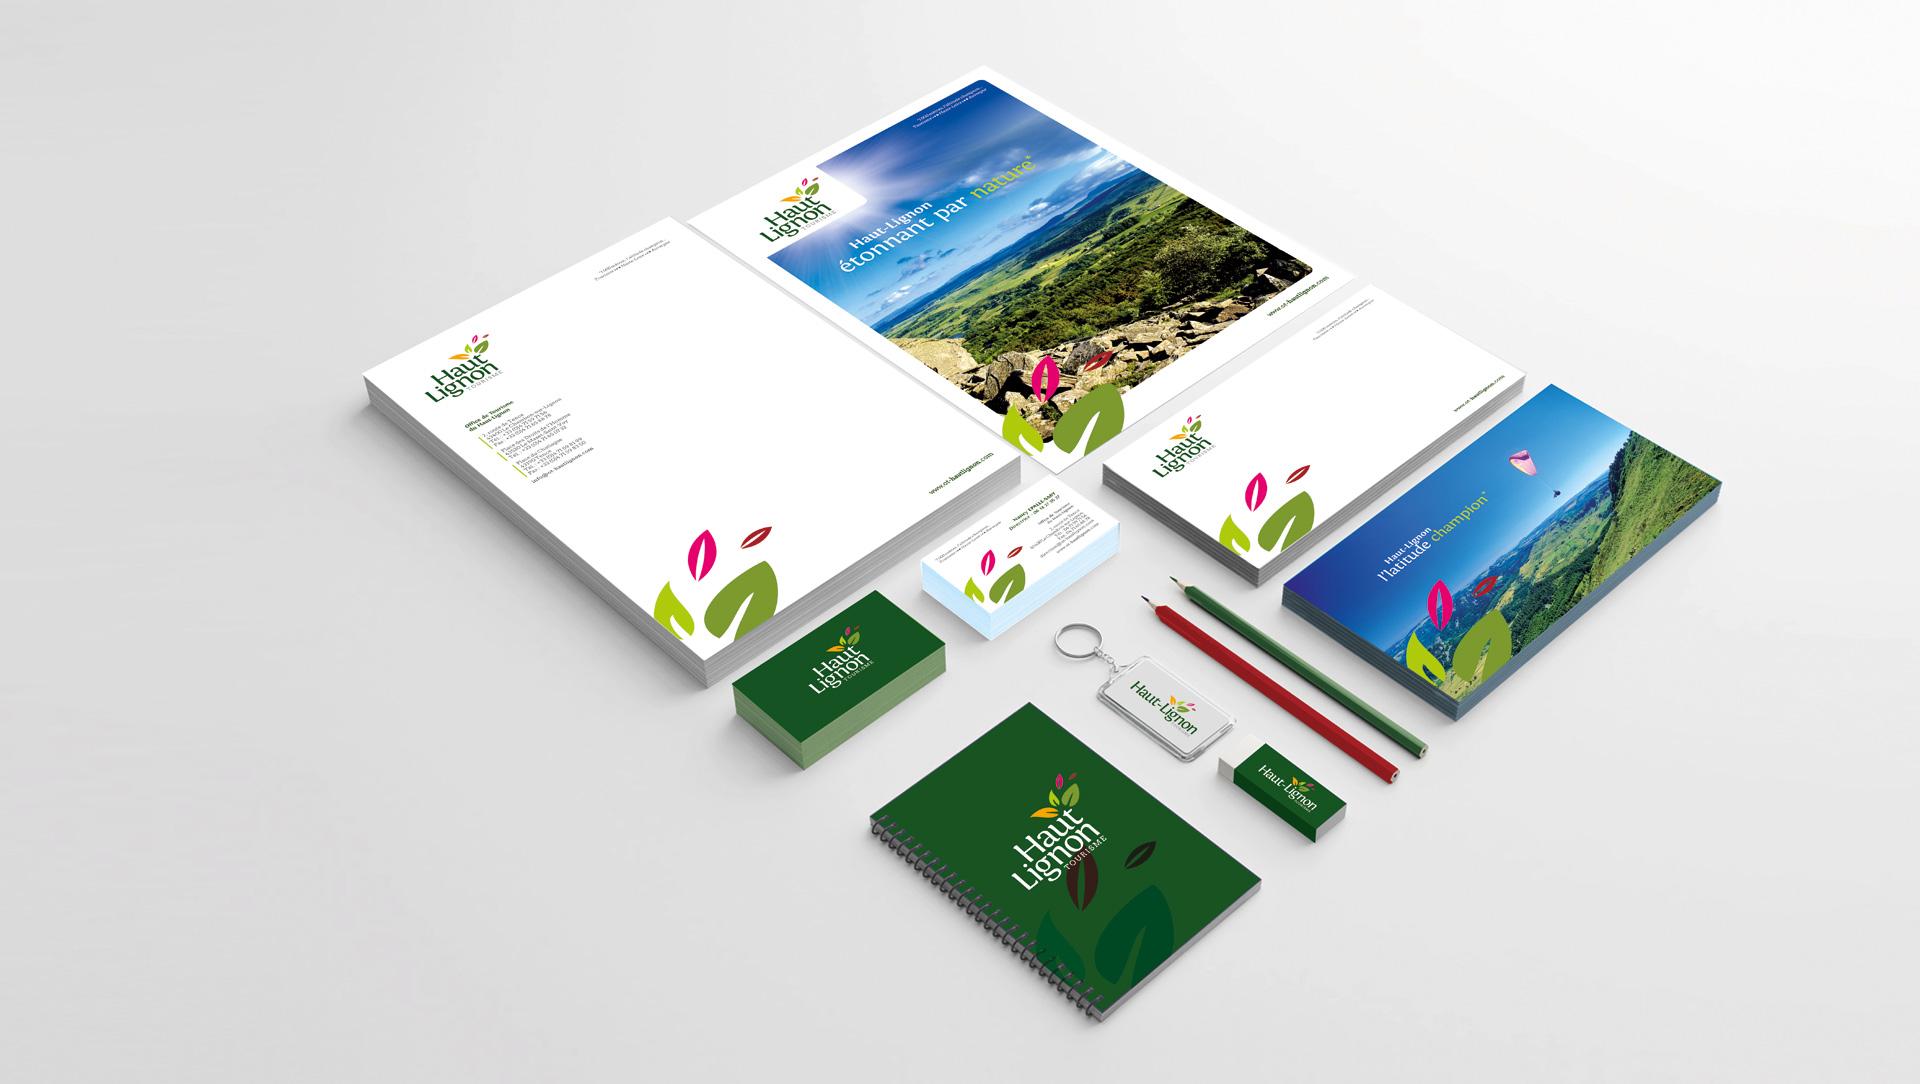 Image de marque Haut-Lignon tourisme par l'agence studio N°3